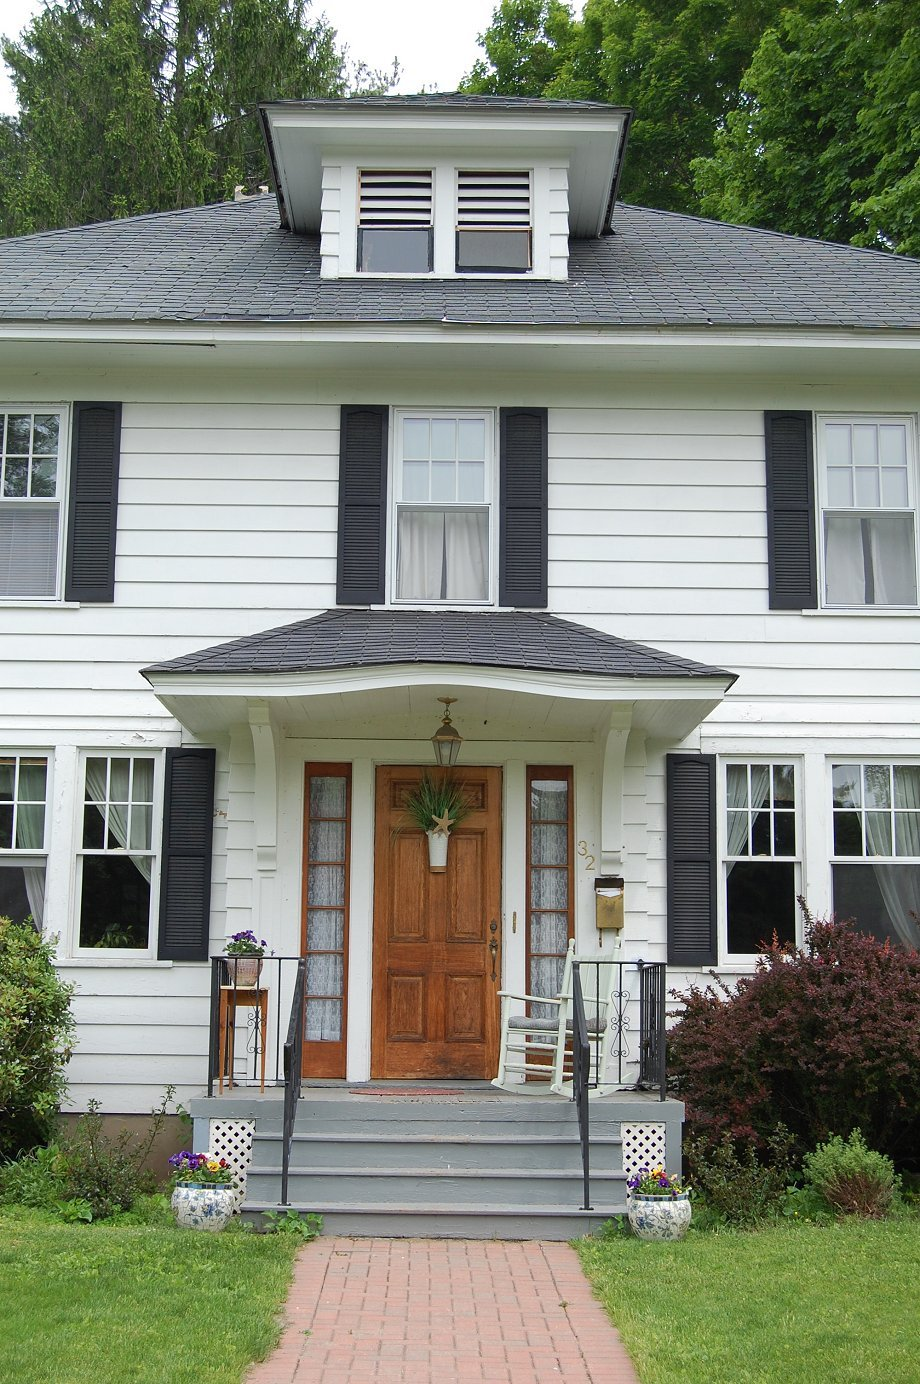 Colonial house with door colonial front door on for Front doors for colonial homes